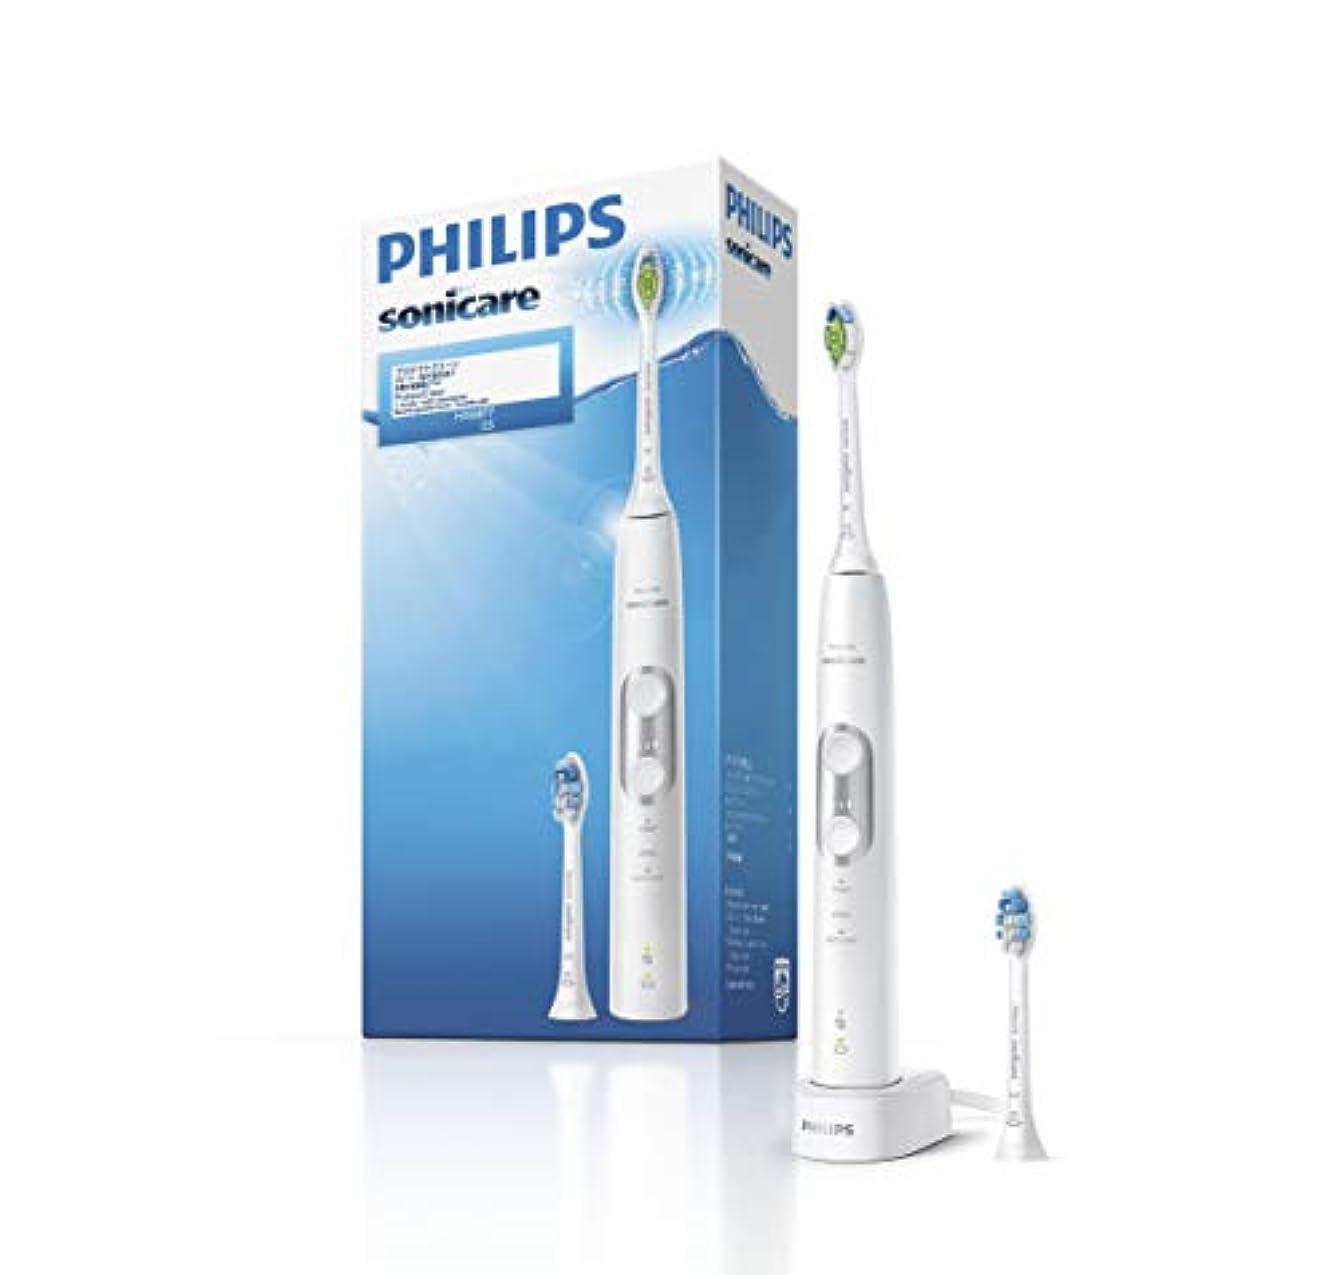 労働調和中間フィリップス ソニッケアー プロテクトクリーン プレミアム 電動歯ブラシ ホワイト HX6877/25